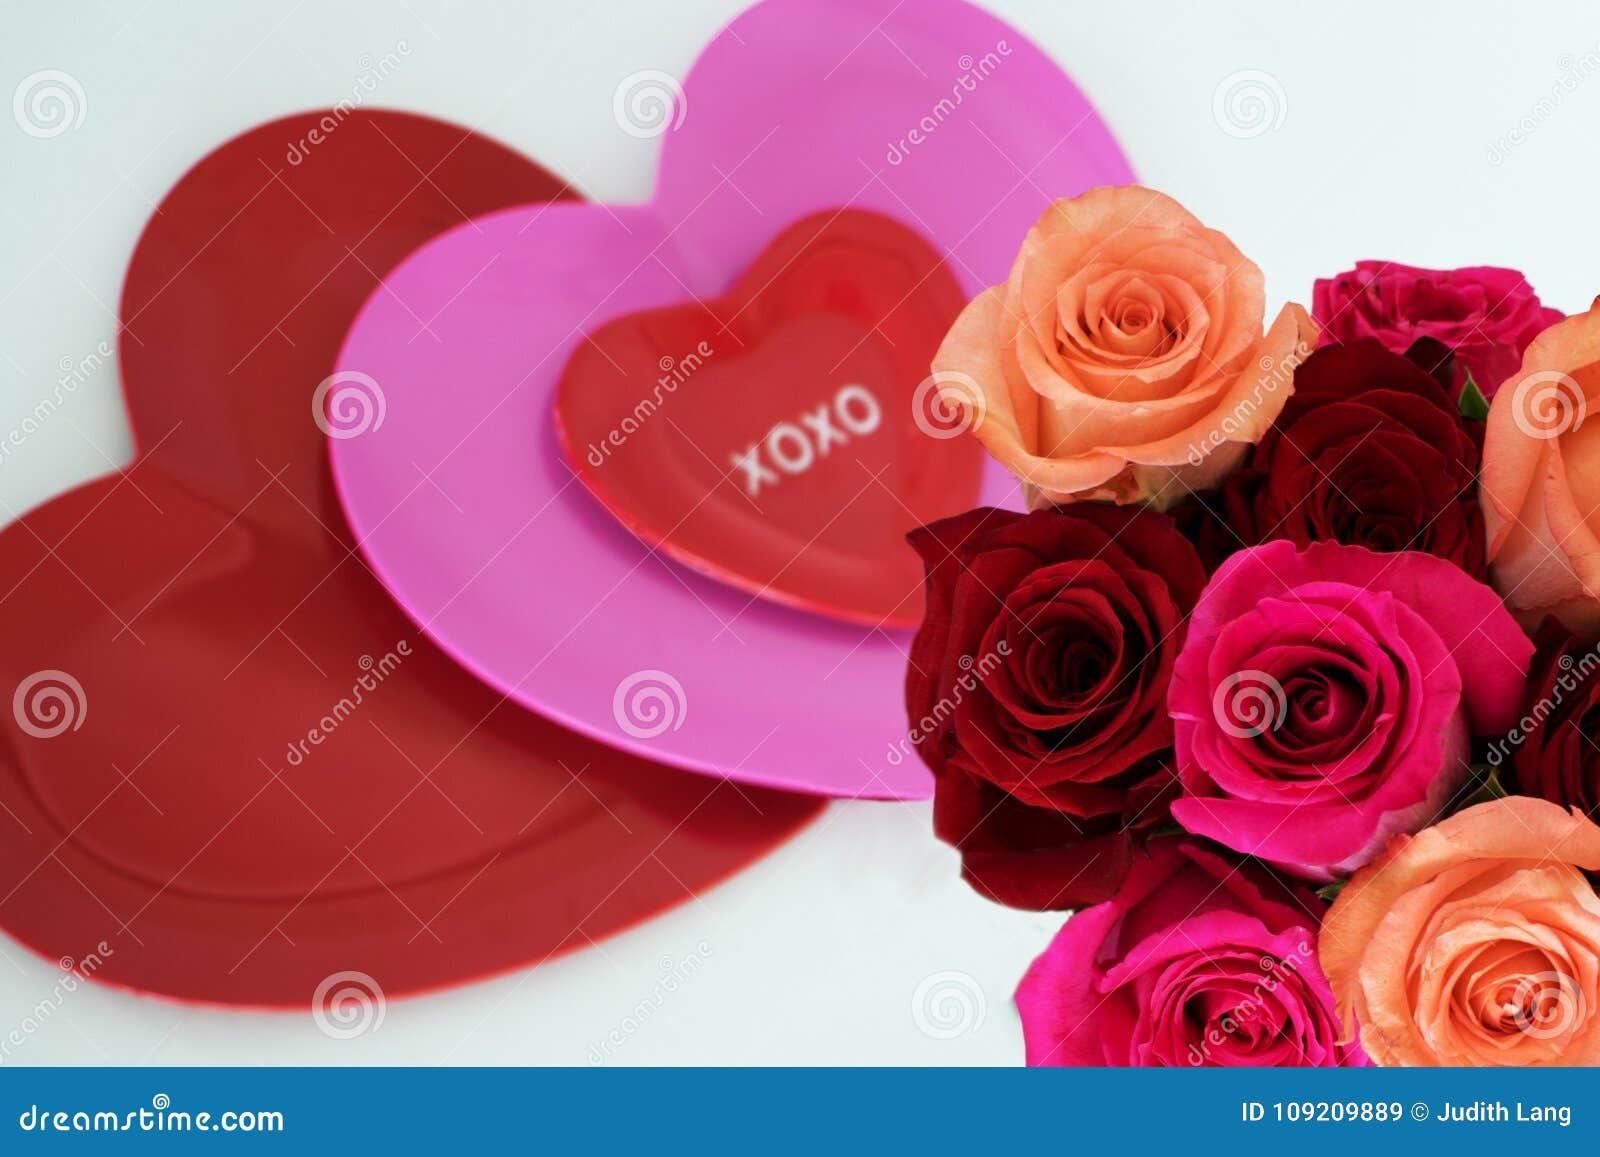 Τρεις καρδιές στο κέντρο με την ανθοδέσμη των τριαντάφυλλων στο χαμηλότερο δικαίωμα